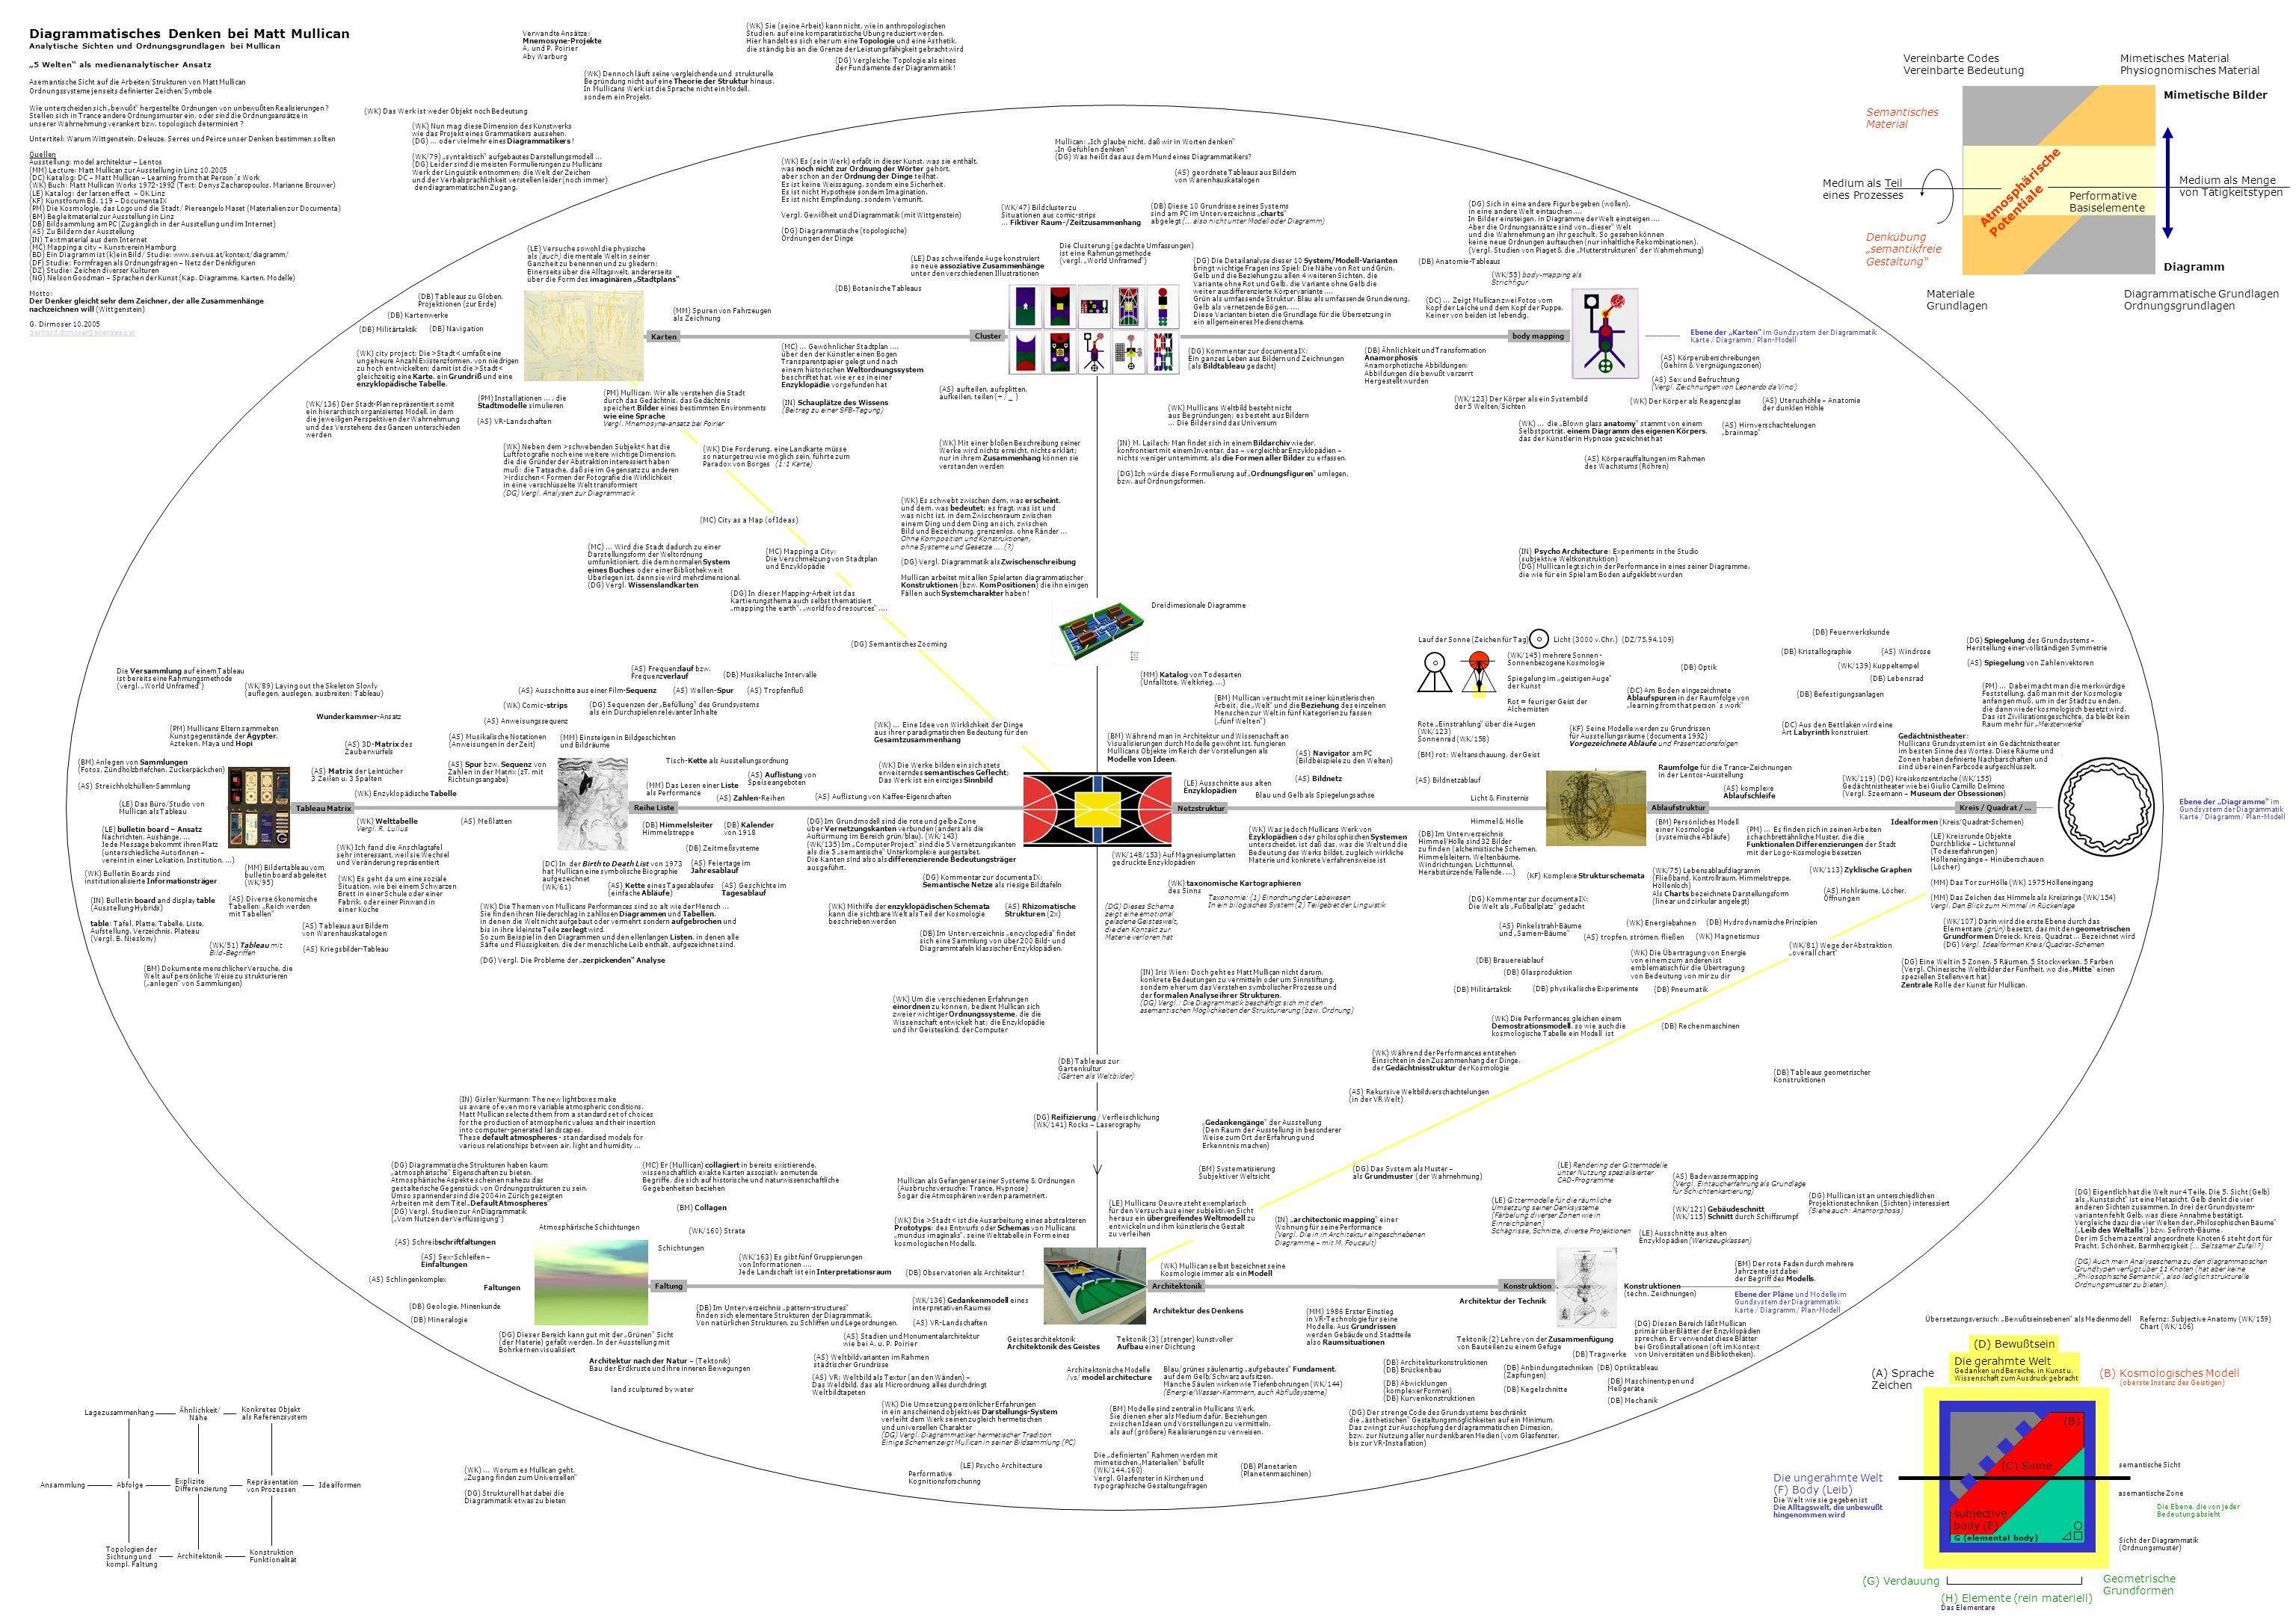 Diagrammatisches Denken bei Matt Mullican Analytische Sichten und Ordnungsgrundlagen bei Mullican 5 Welten als medienanalytischer Ansatz Asemantische